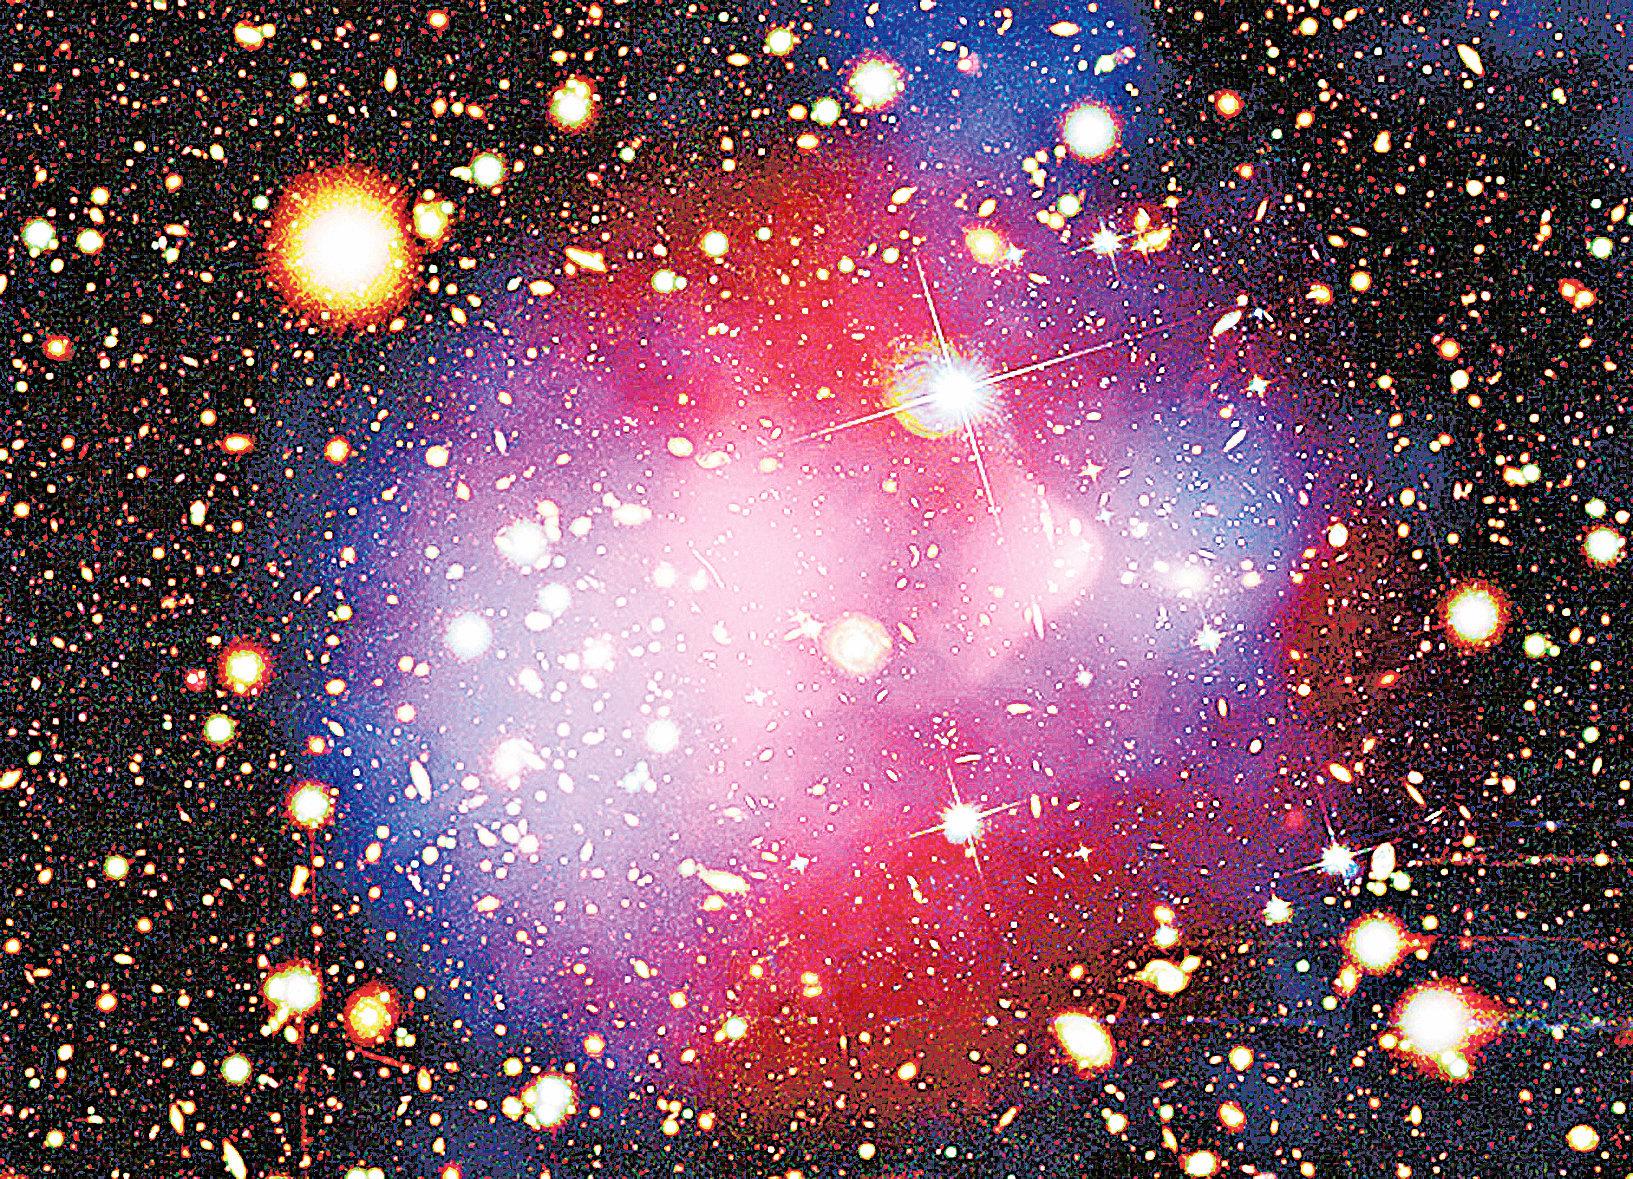 組成宇宙的物質主要為無法被直接觀察的暗物質。(NASA)